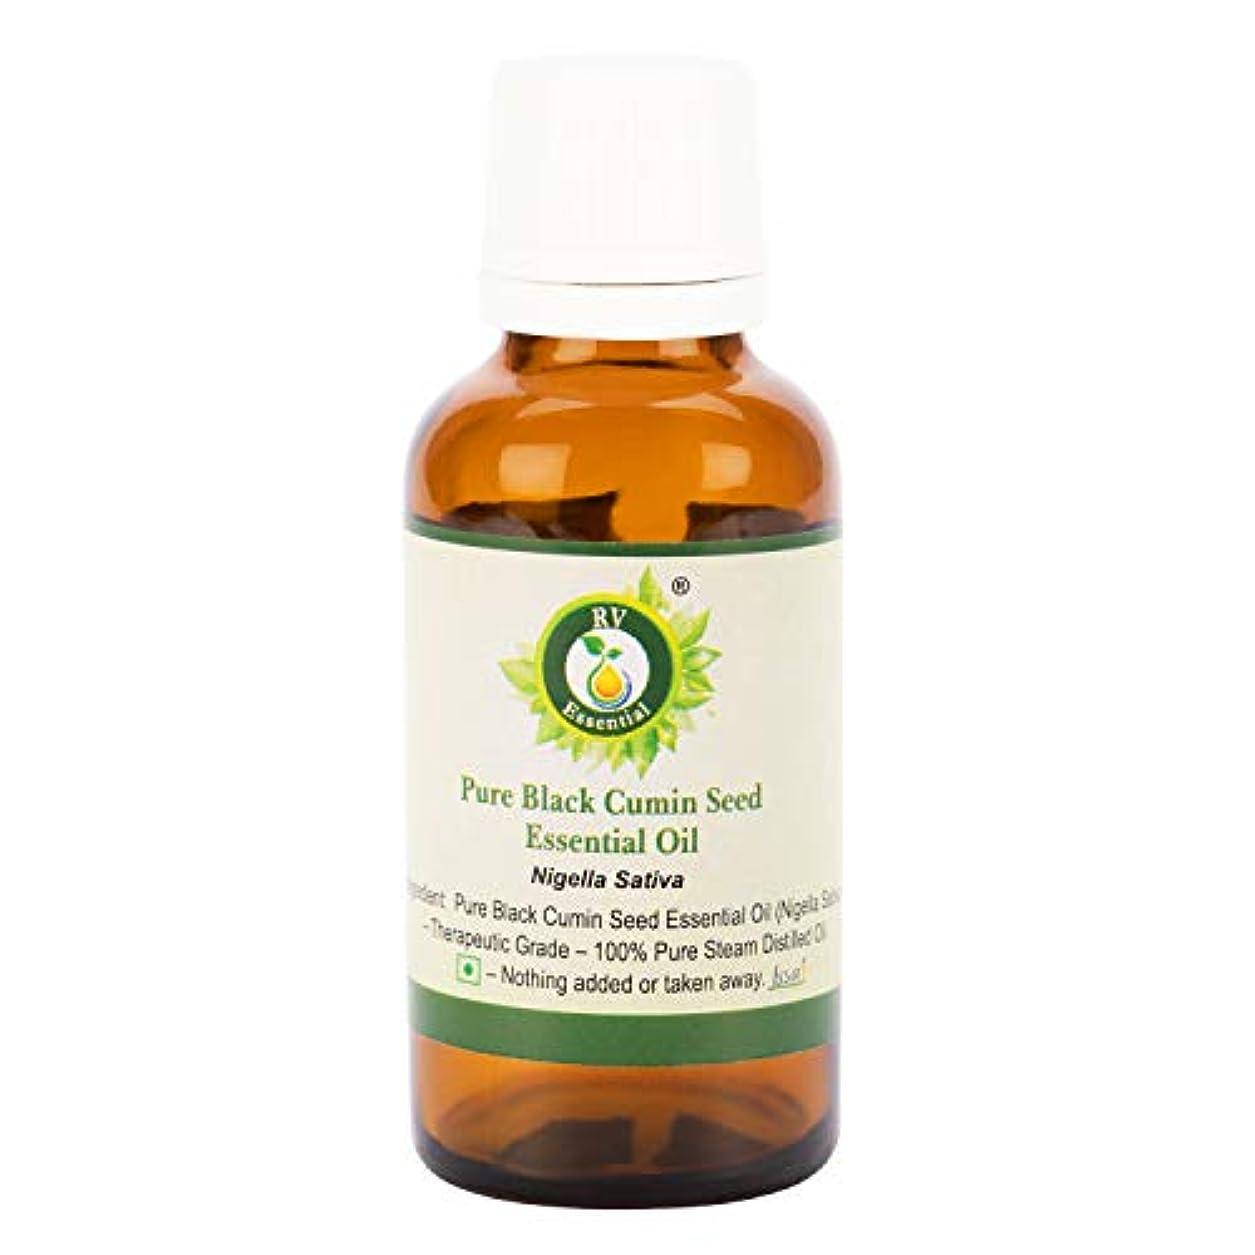 性別海峡ひも追うピュアブラッククミンシードエッセンシャルオイル5ml (0.169oz)- Nigella Sativa (100%純粋&天然スチームDistilled) Pure Black Cumin Seed Essential...